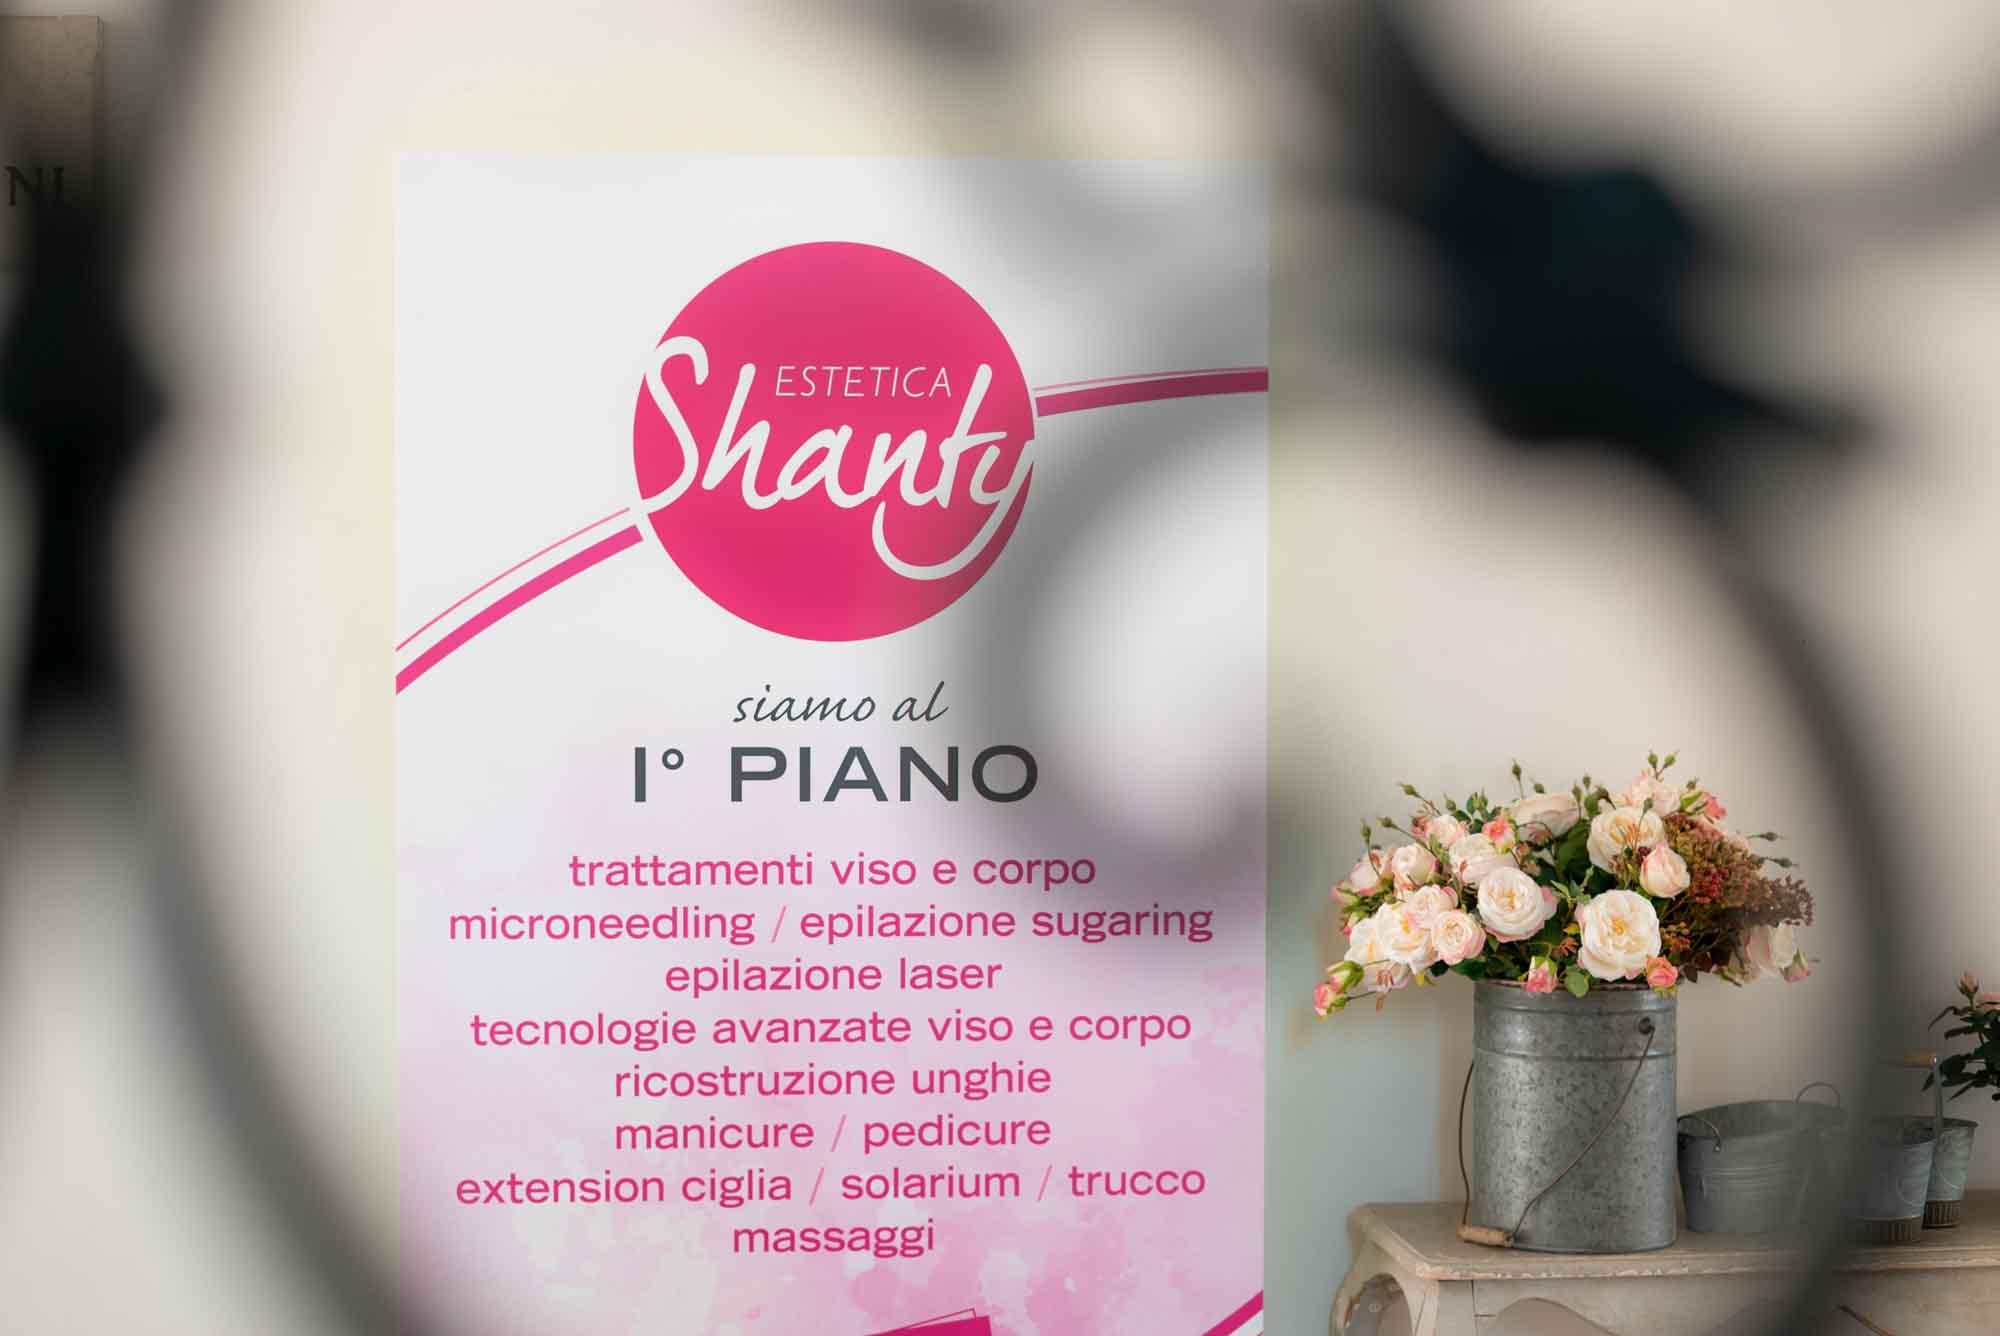 Estetica Shanty trattamenti